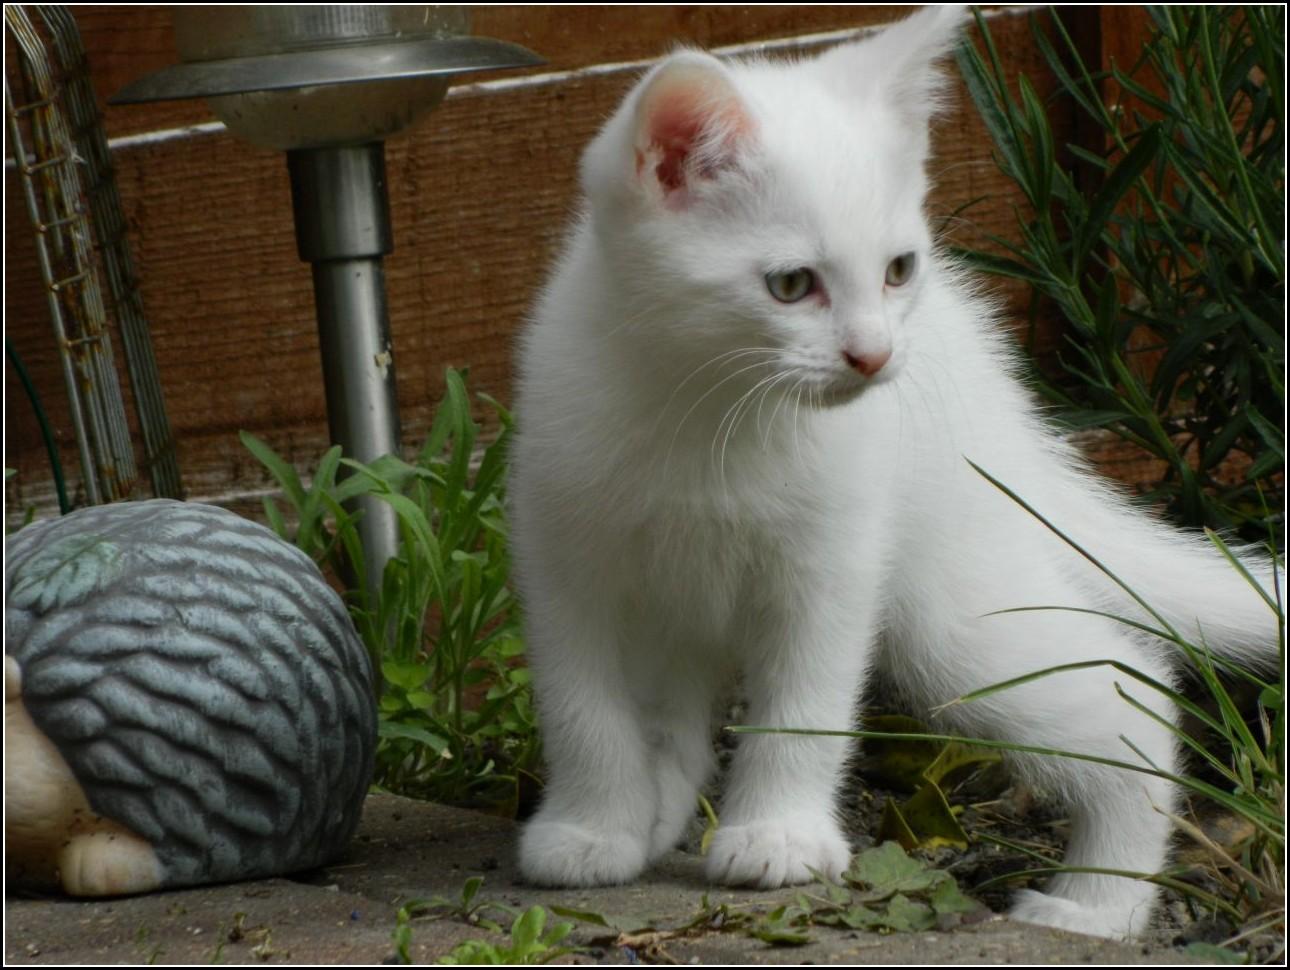 White Turkish Angora Kittens